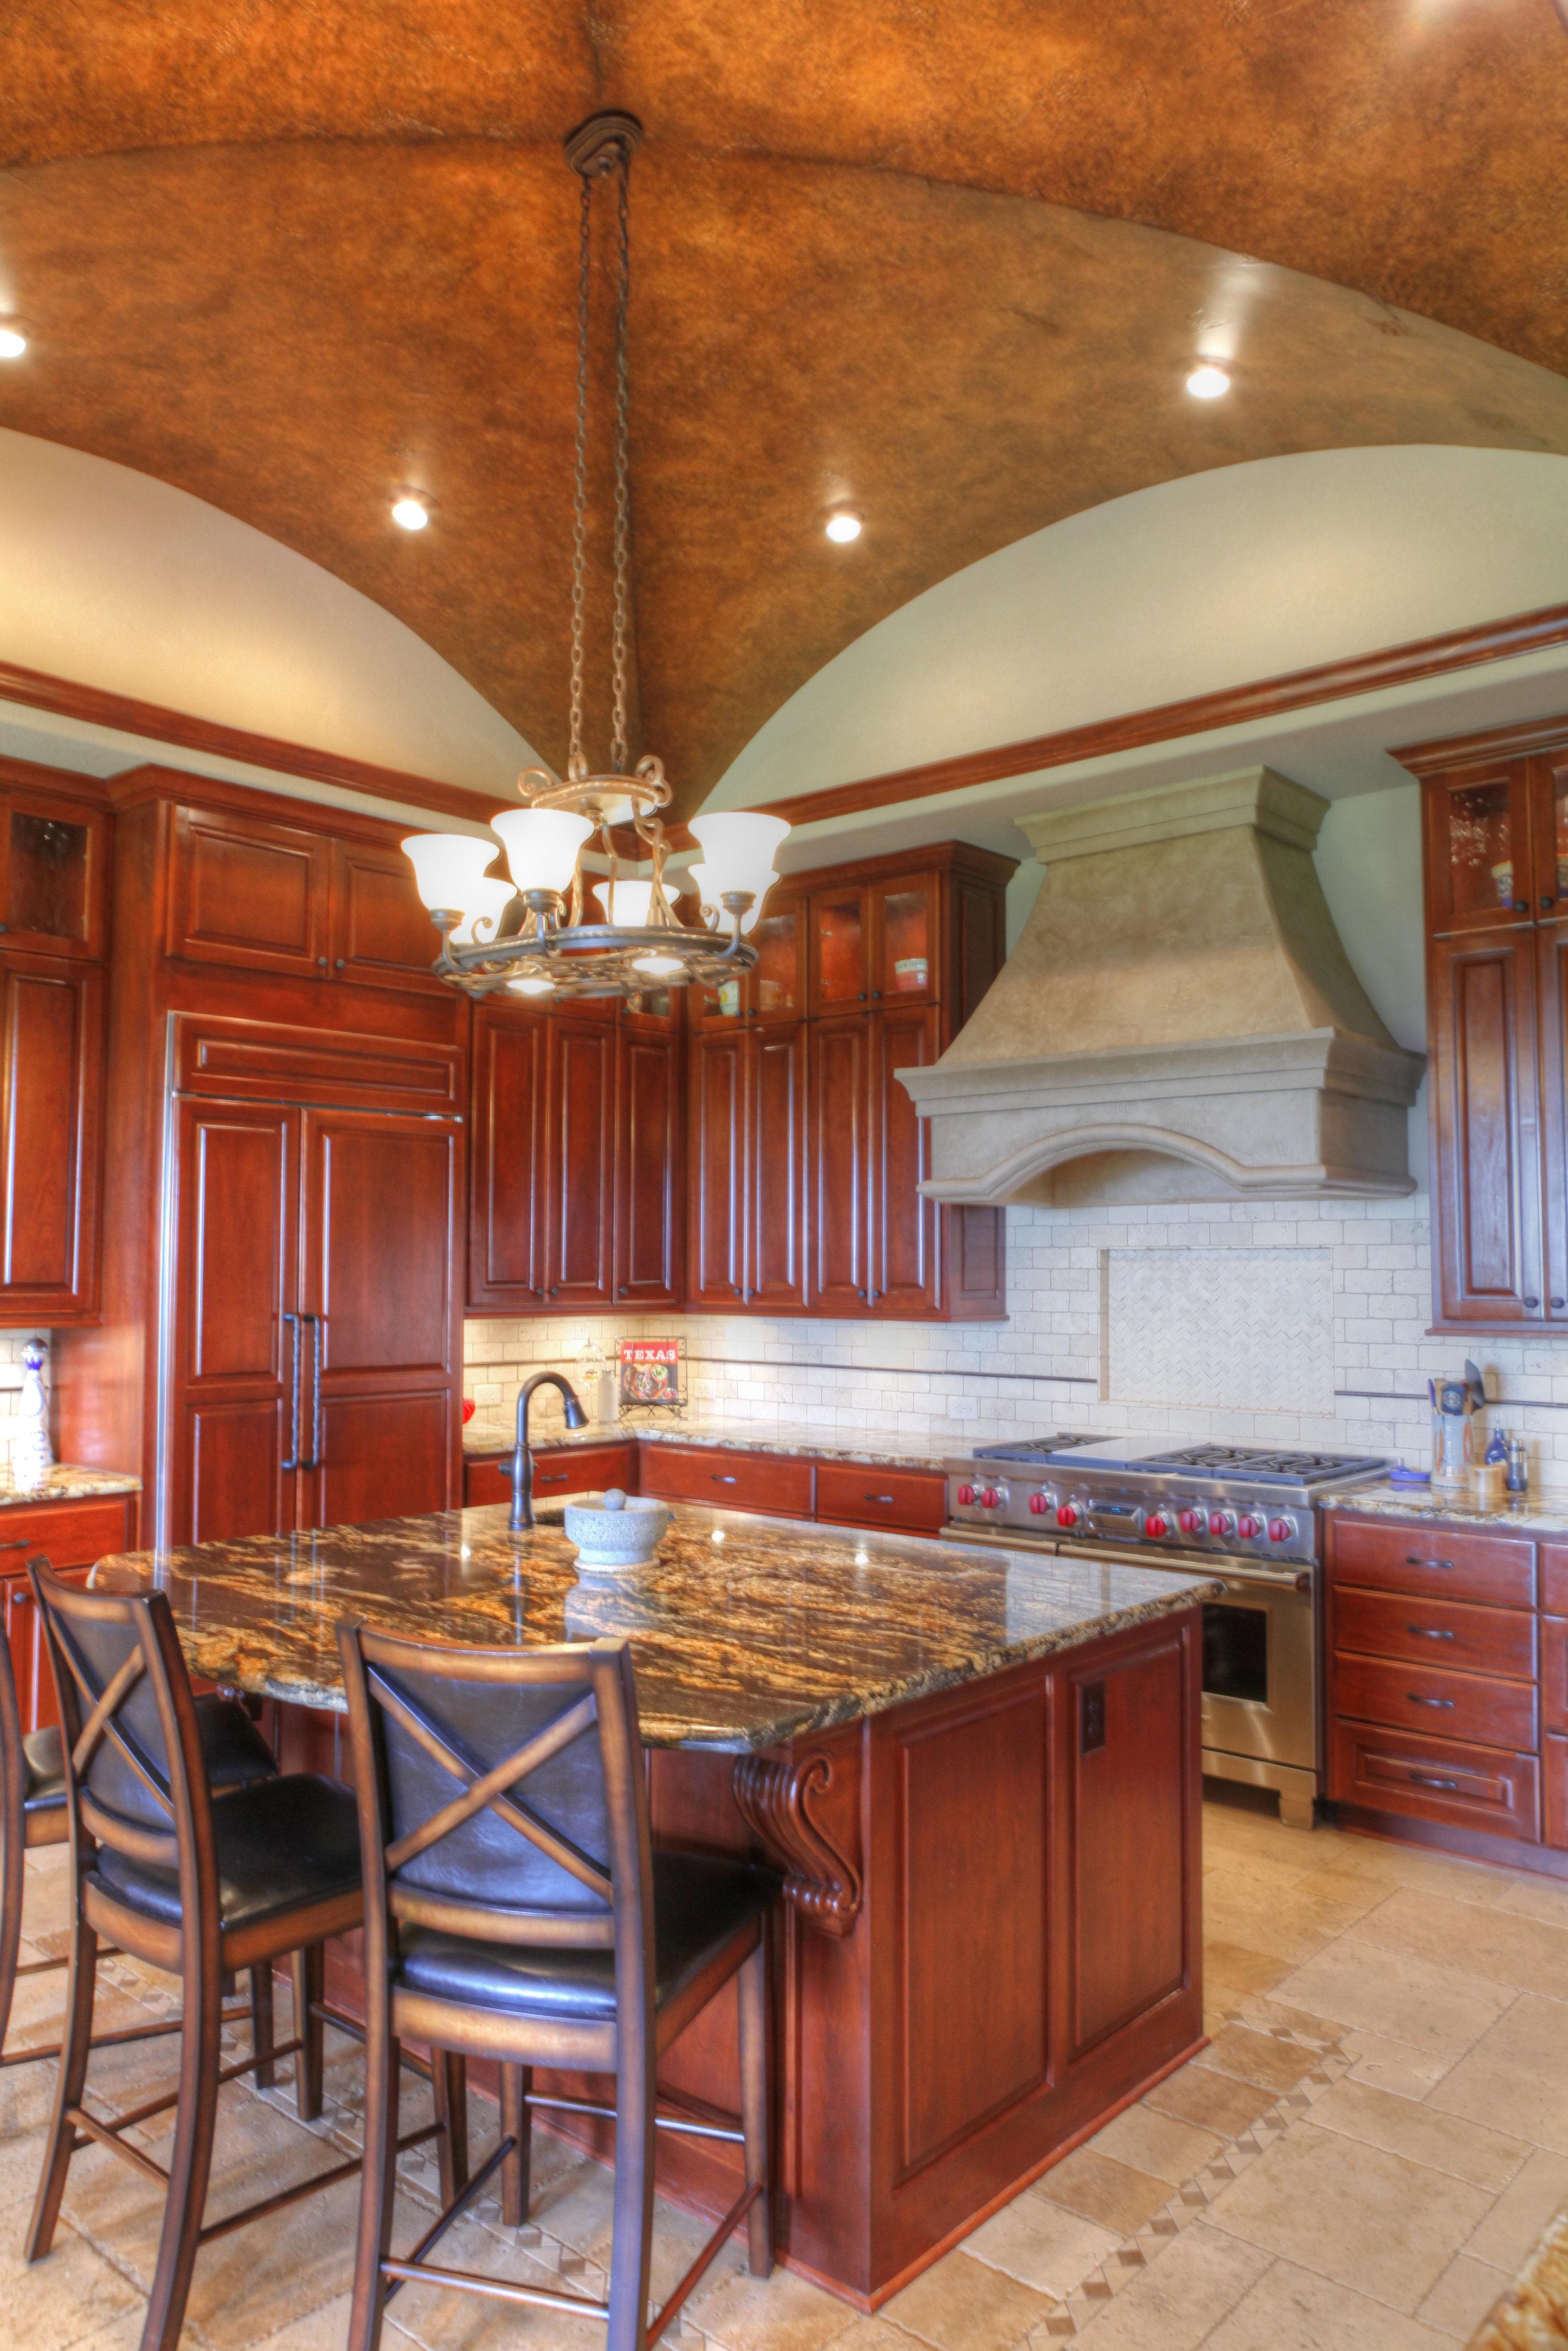 17-kitchen 2.jpg